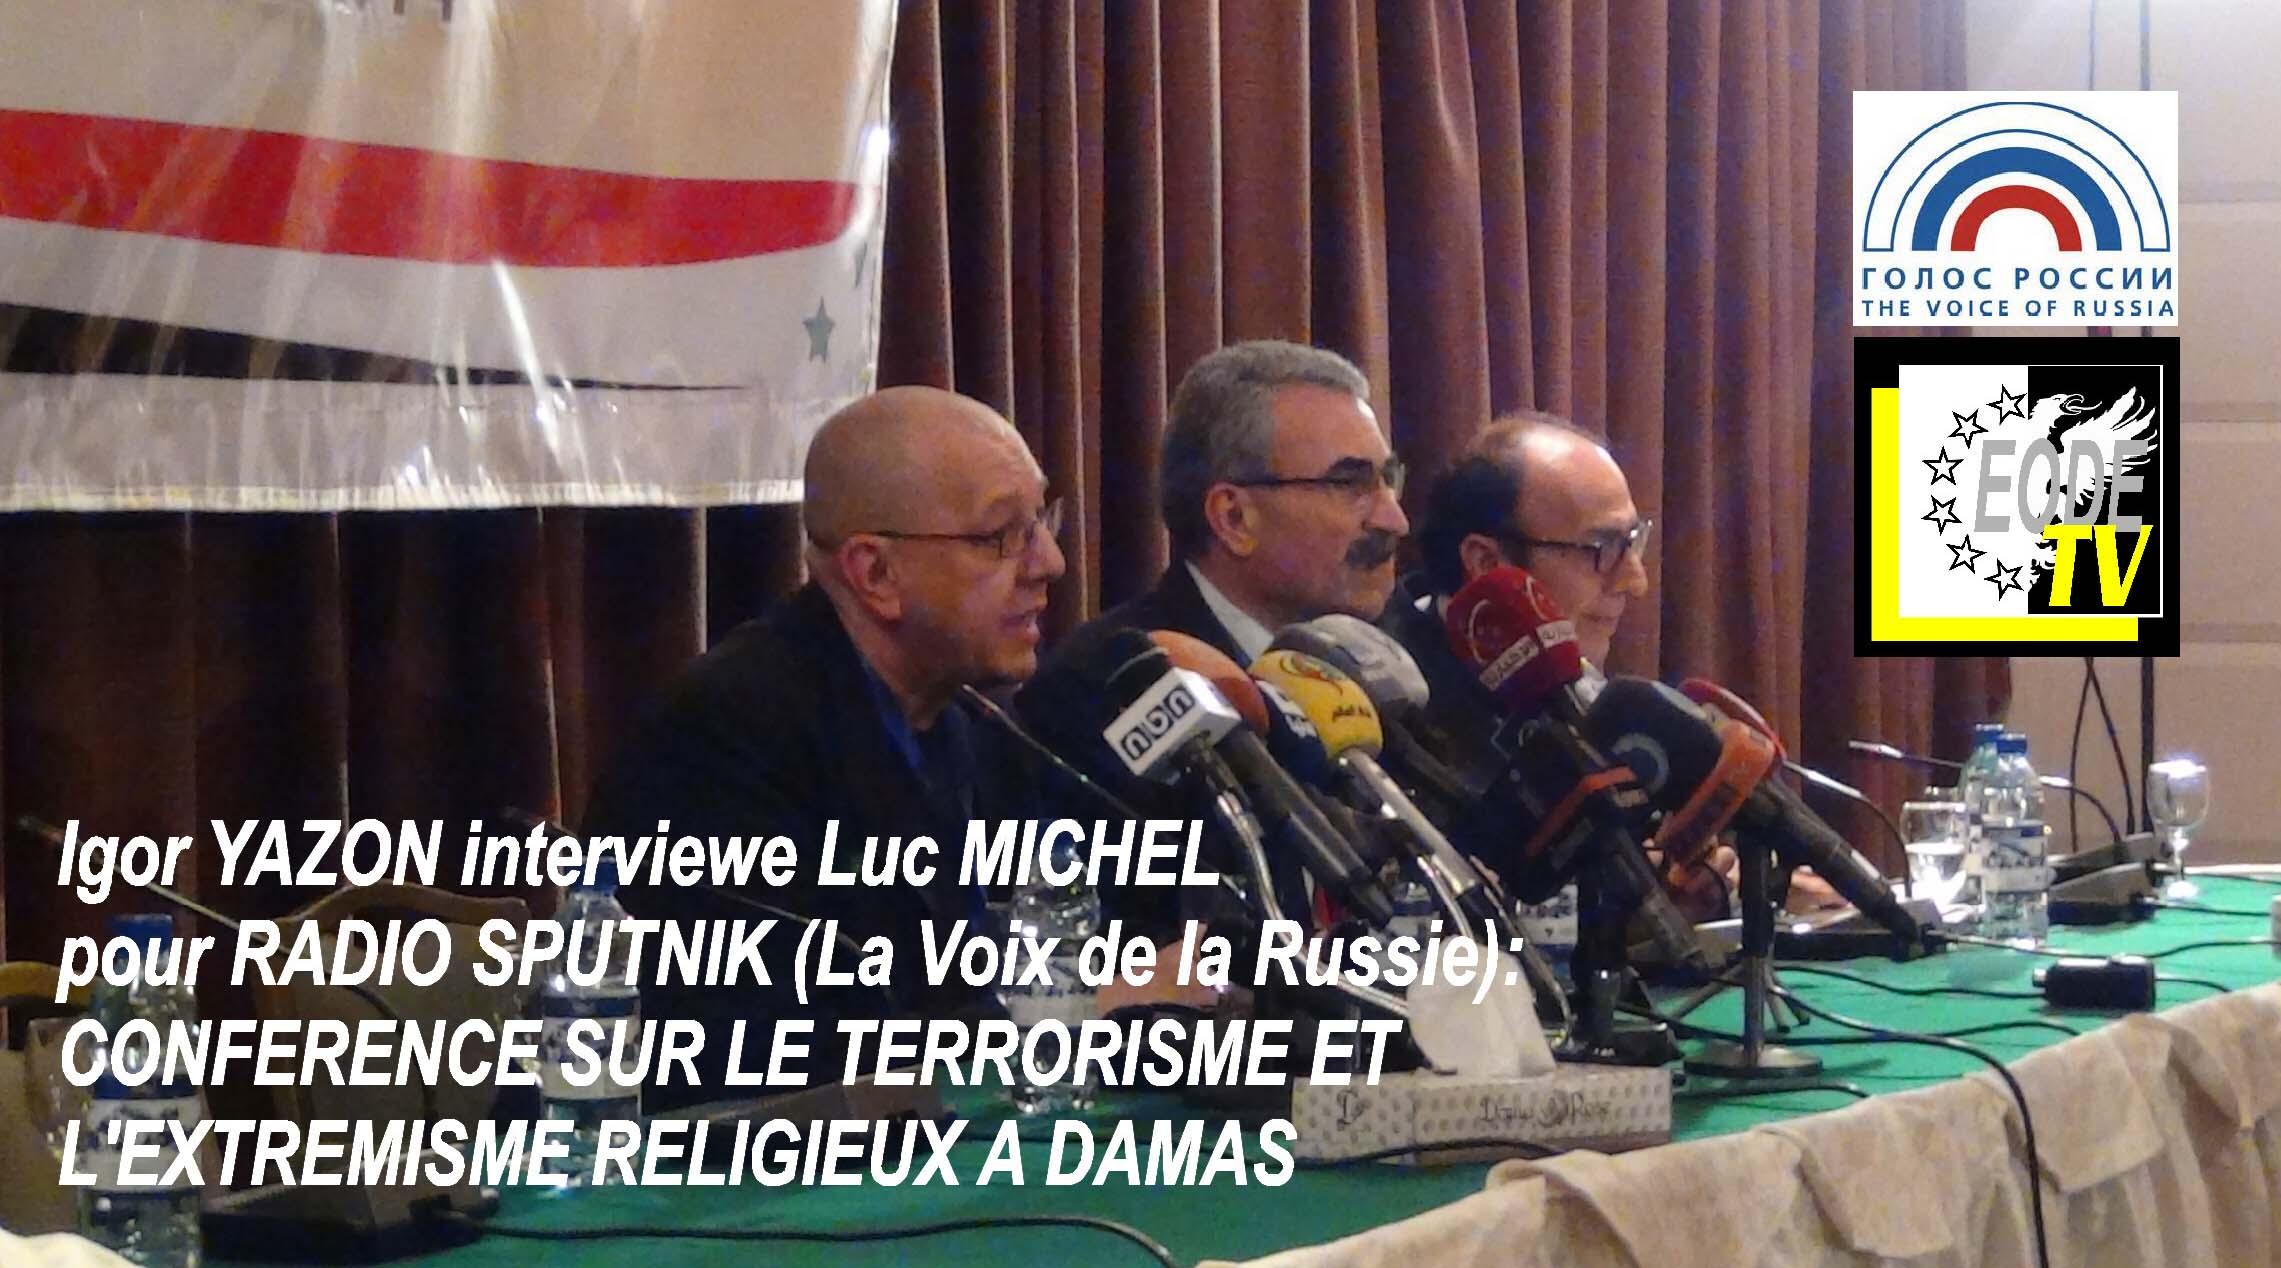 EODE PO - LM sur LVDLR damas terrorisme (2014 12 02) FR